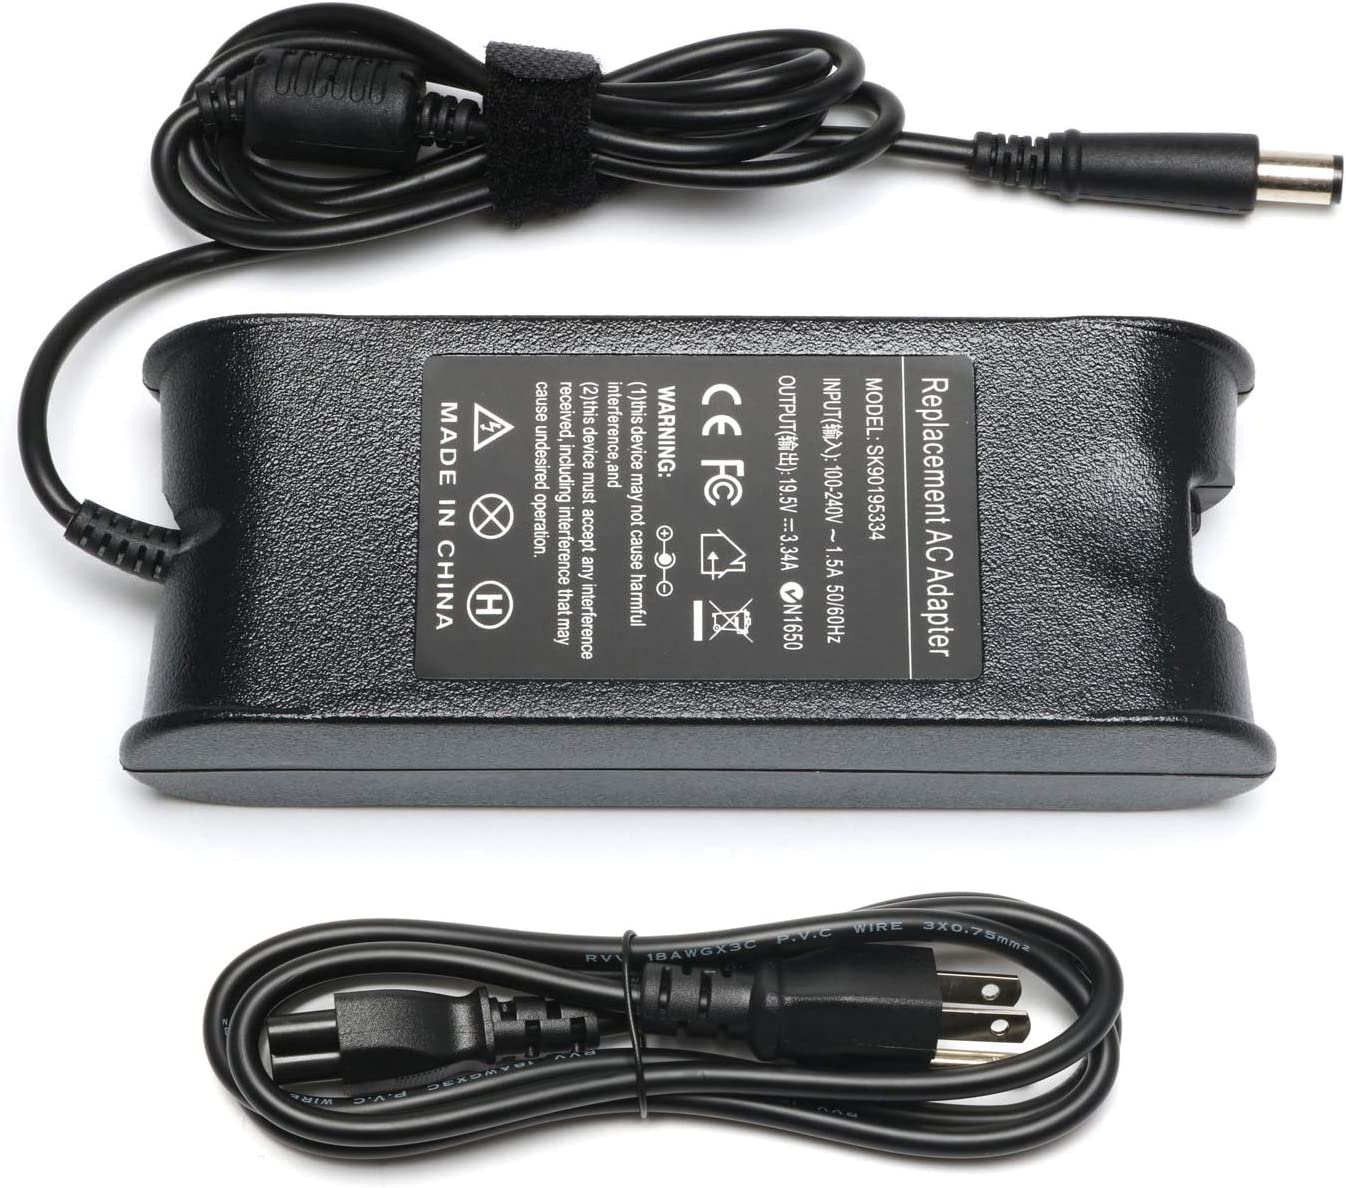 19.5V 3.25A AC Adapter fit for Dell Latitude E5520 E6440 E6430 E6410 E6320 E6410 E7270 E7450 E7440 E7470 7490 7480 6320 6420 5900 5590 5480 5400 5500 3350 3340 1450 ES440